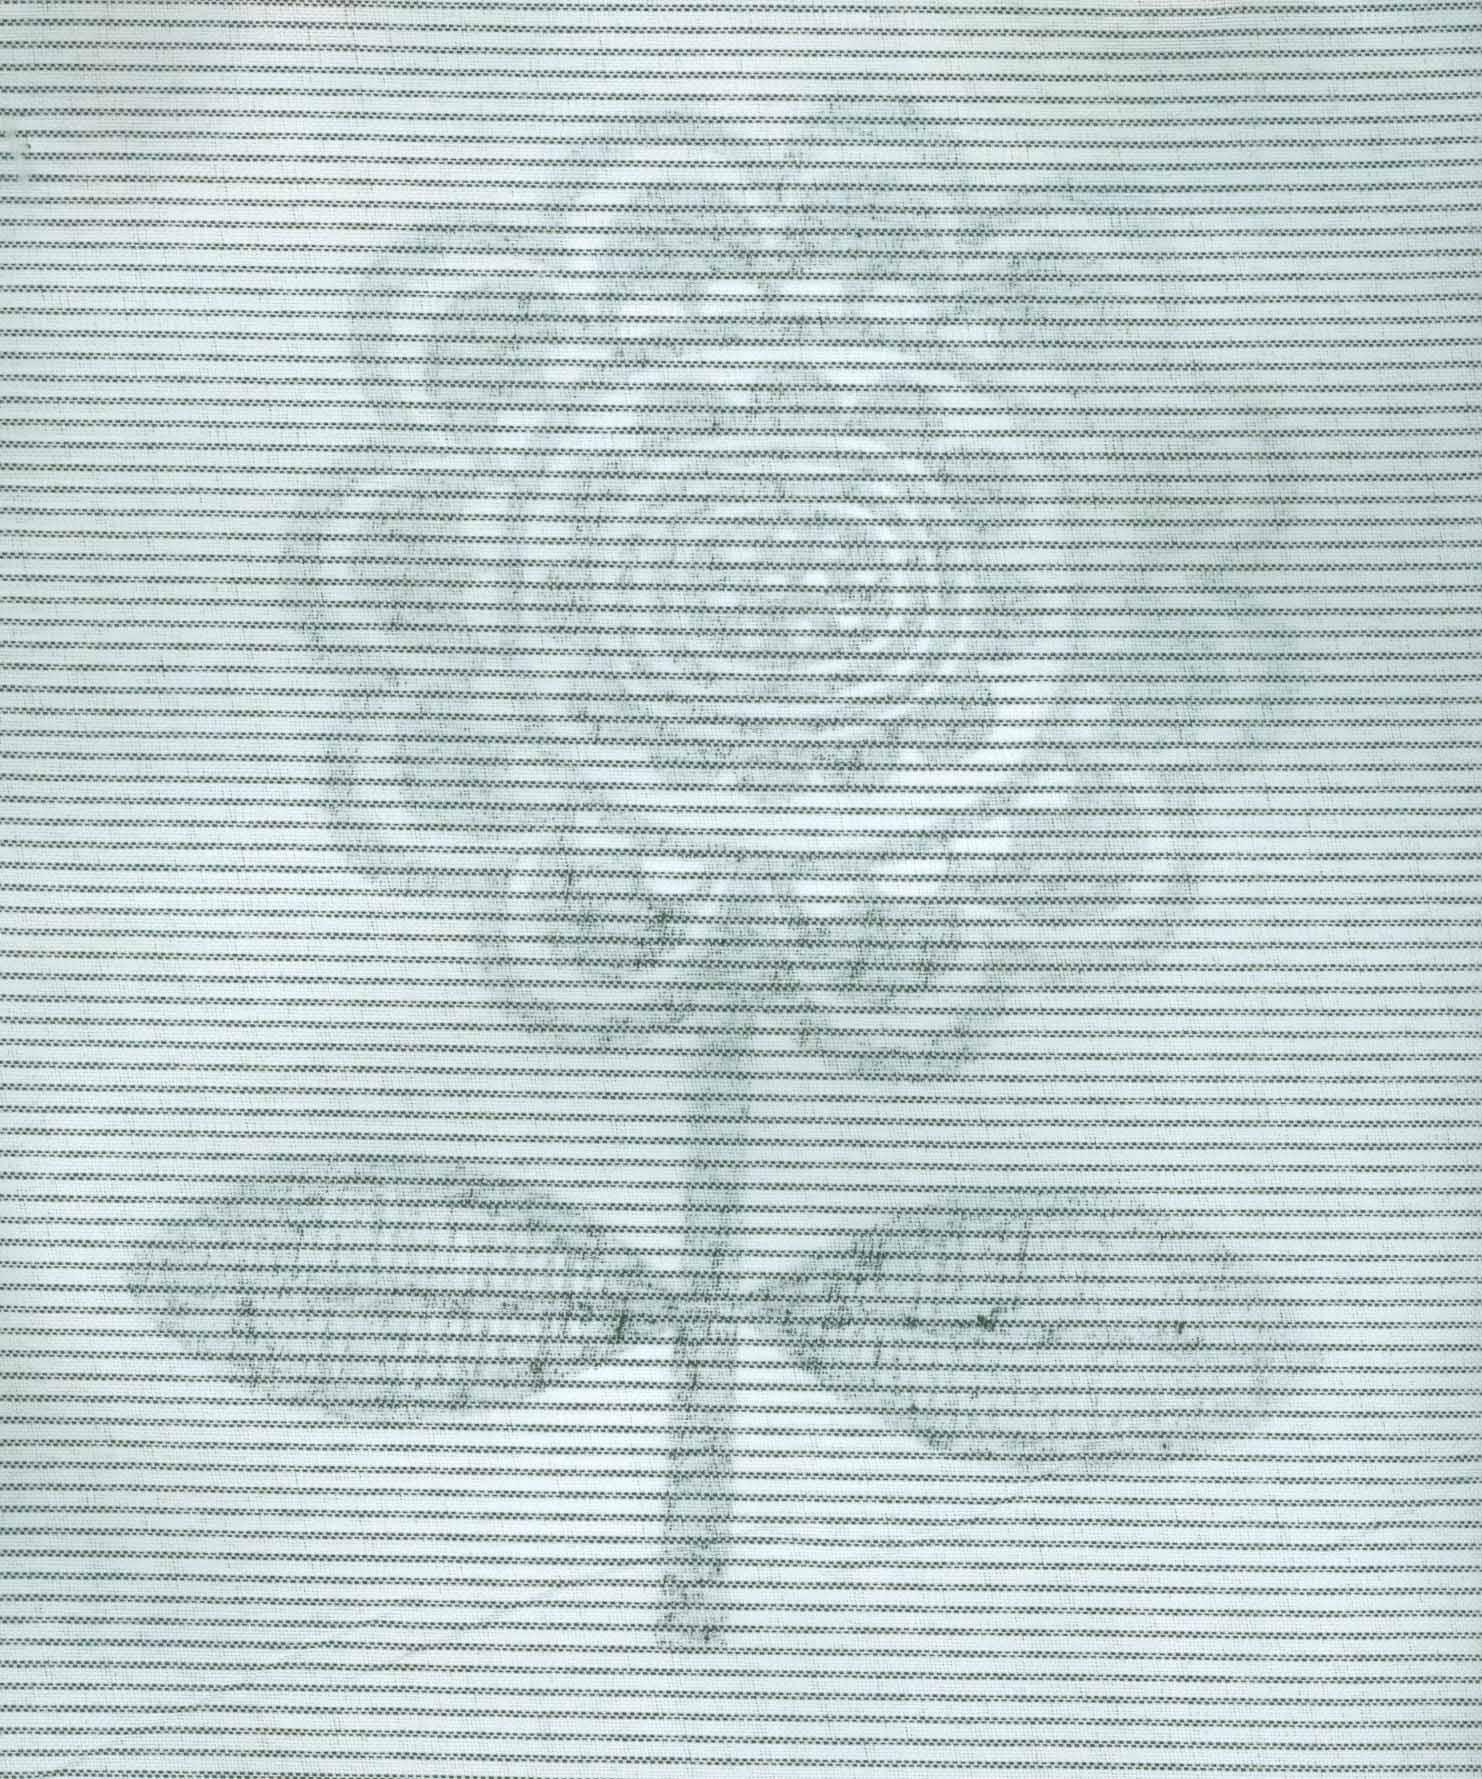 کیف پارچه ای کوچک متقال (کد 305)